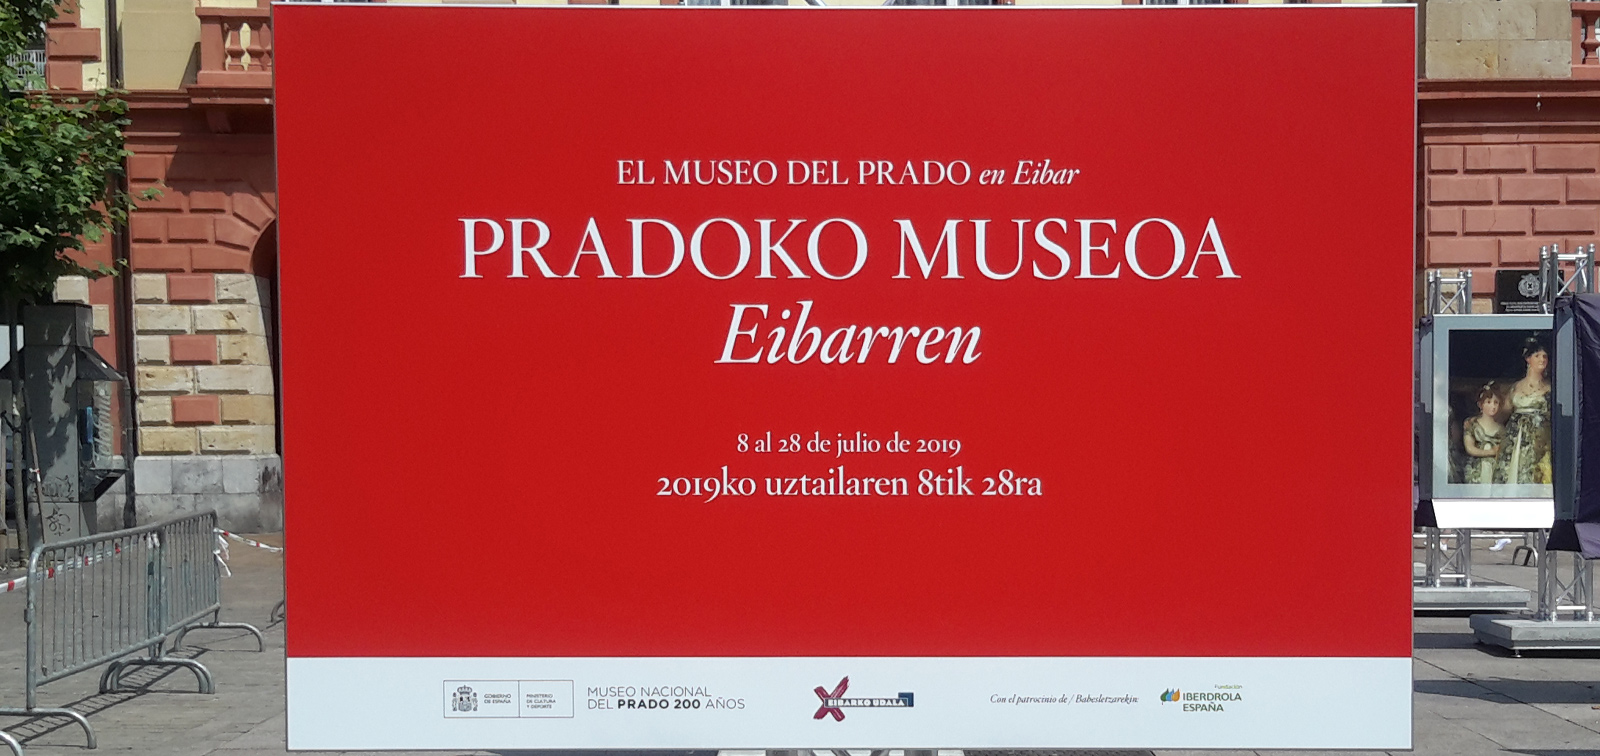 Exposición didáctica: El Museo del Prado en Eibar